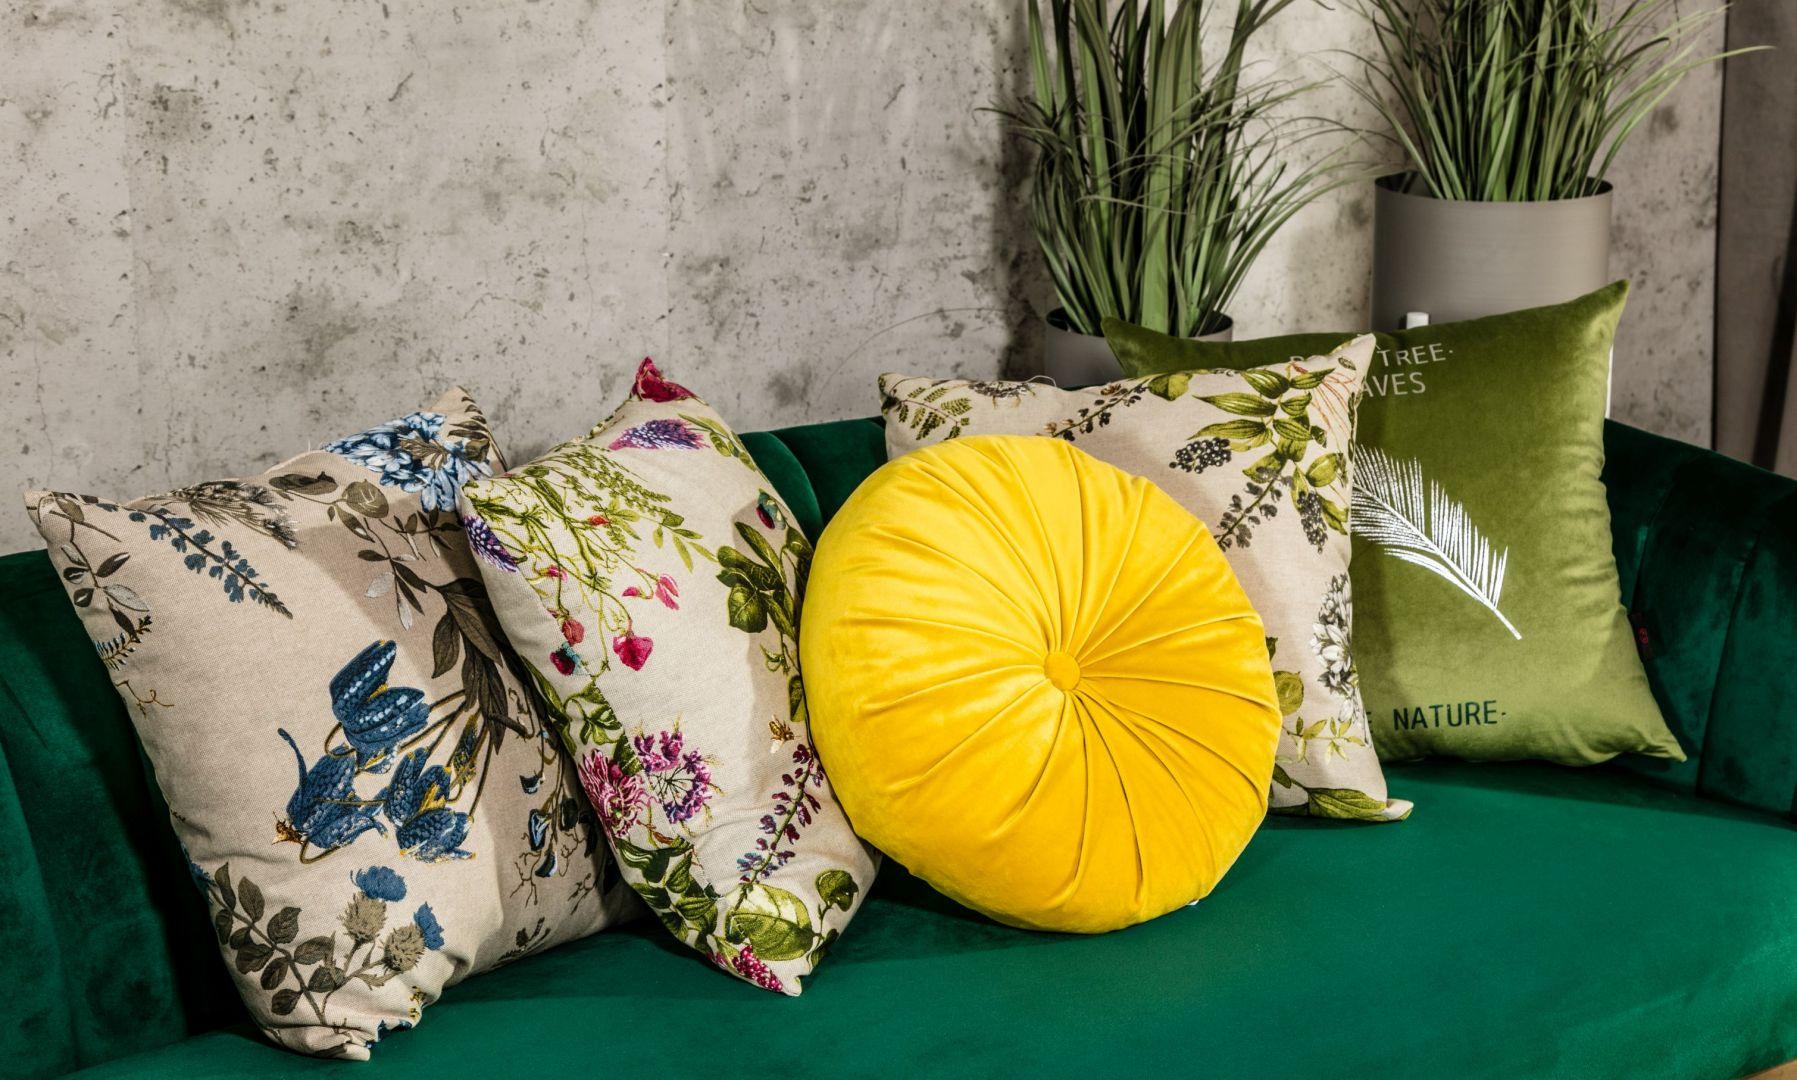 Wnętrze nabierze nowego uroku, jeśli wprowadzisz do niego wiosenne akcenty. Ozdobne tekstylia w barwnych kolorach i kwiecistych wzorach mogą odmienić każdą aranżację salonu czy jadalni. Fot. Salony Agata